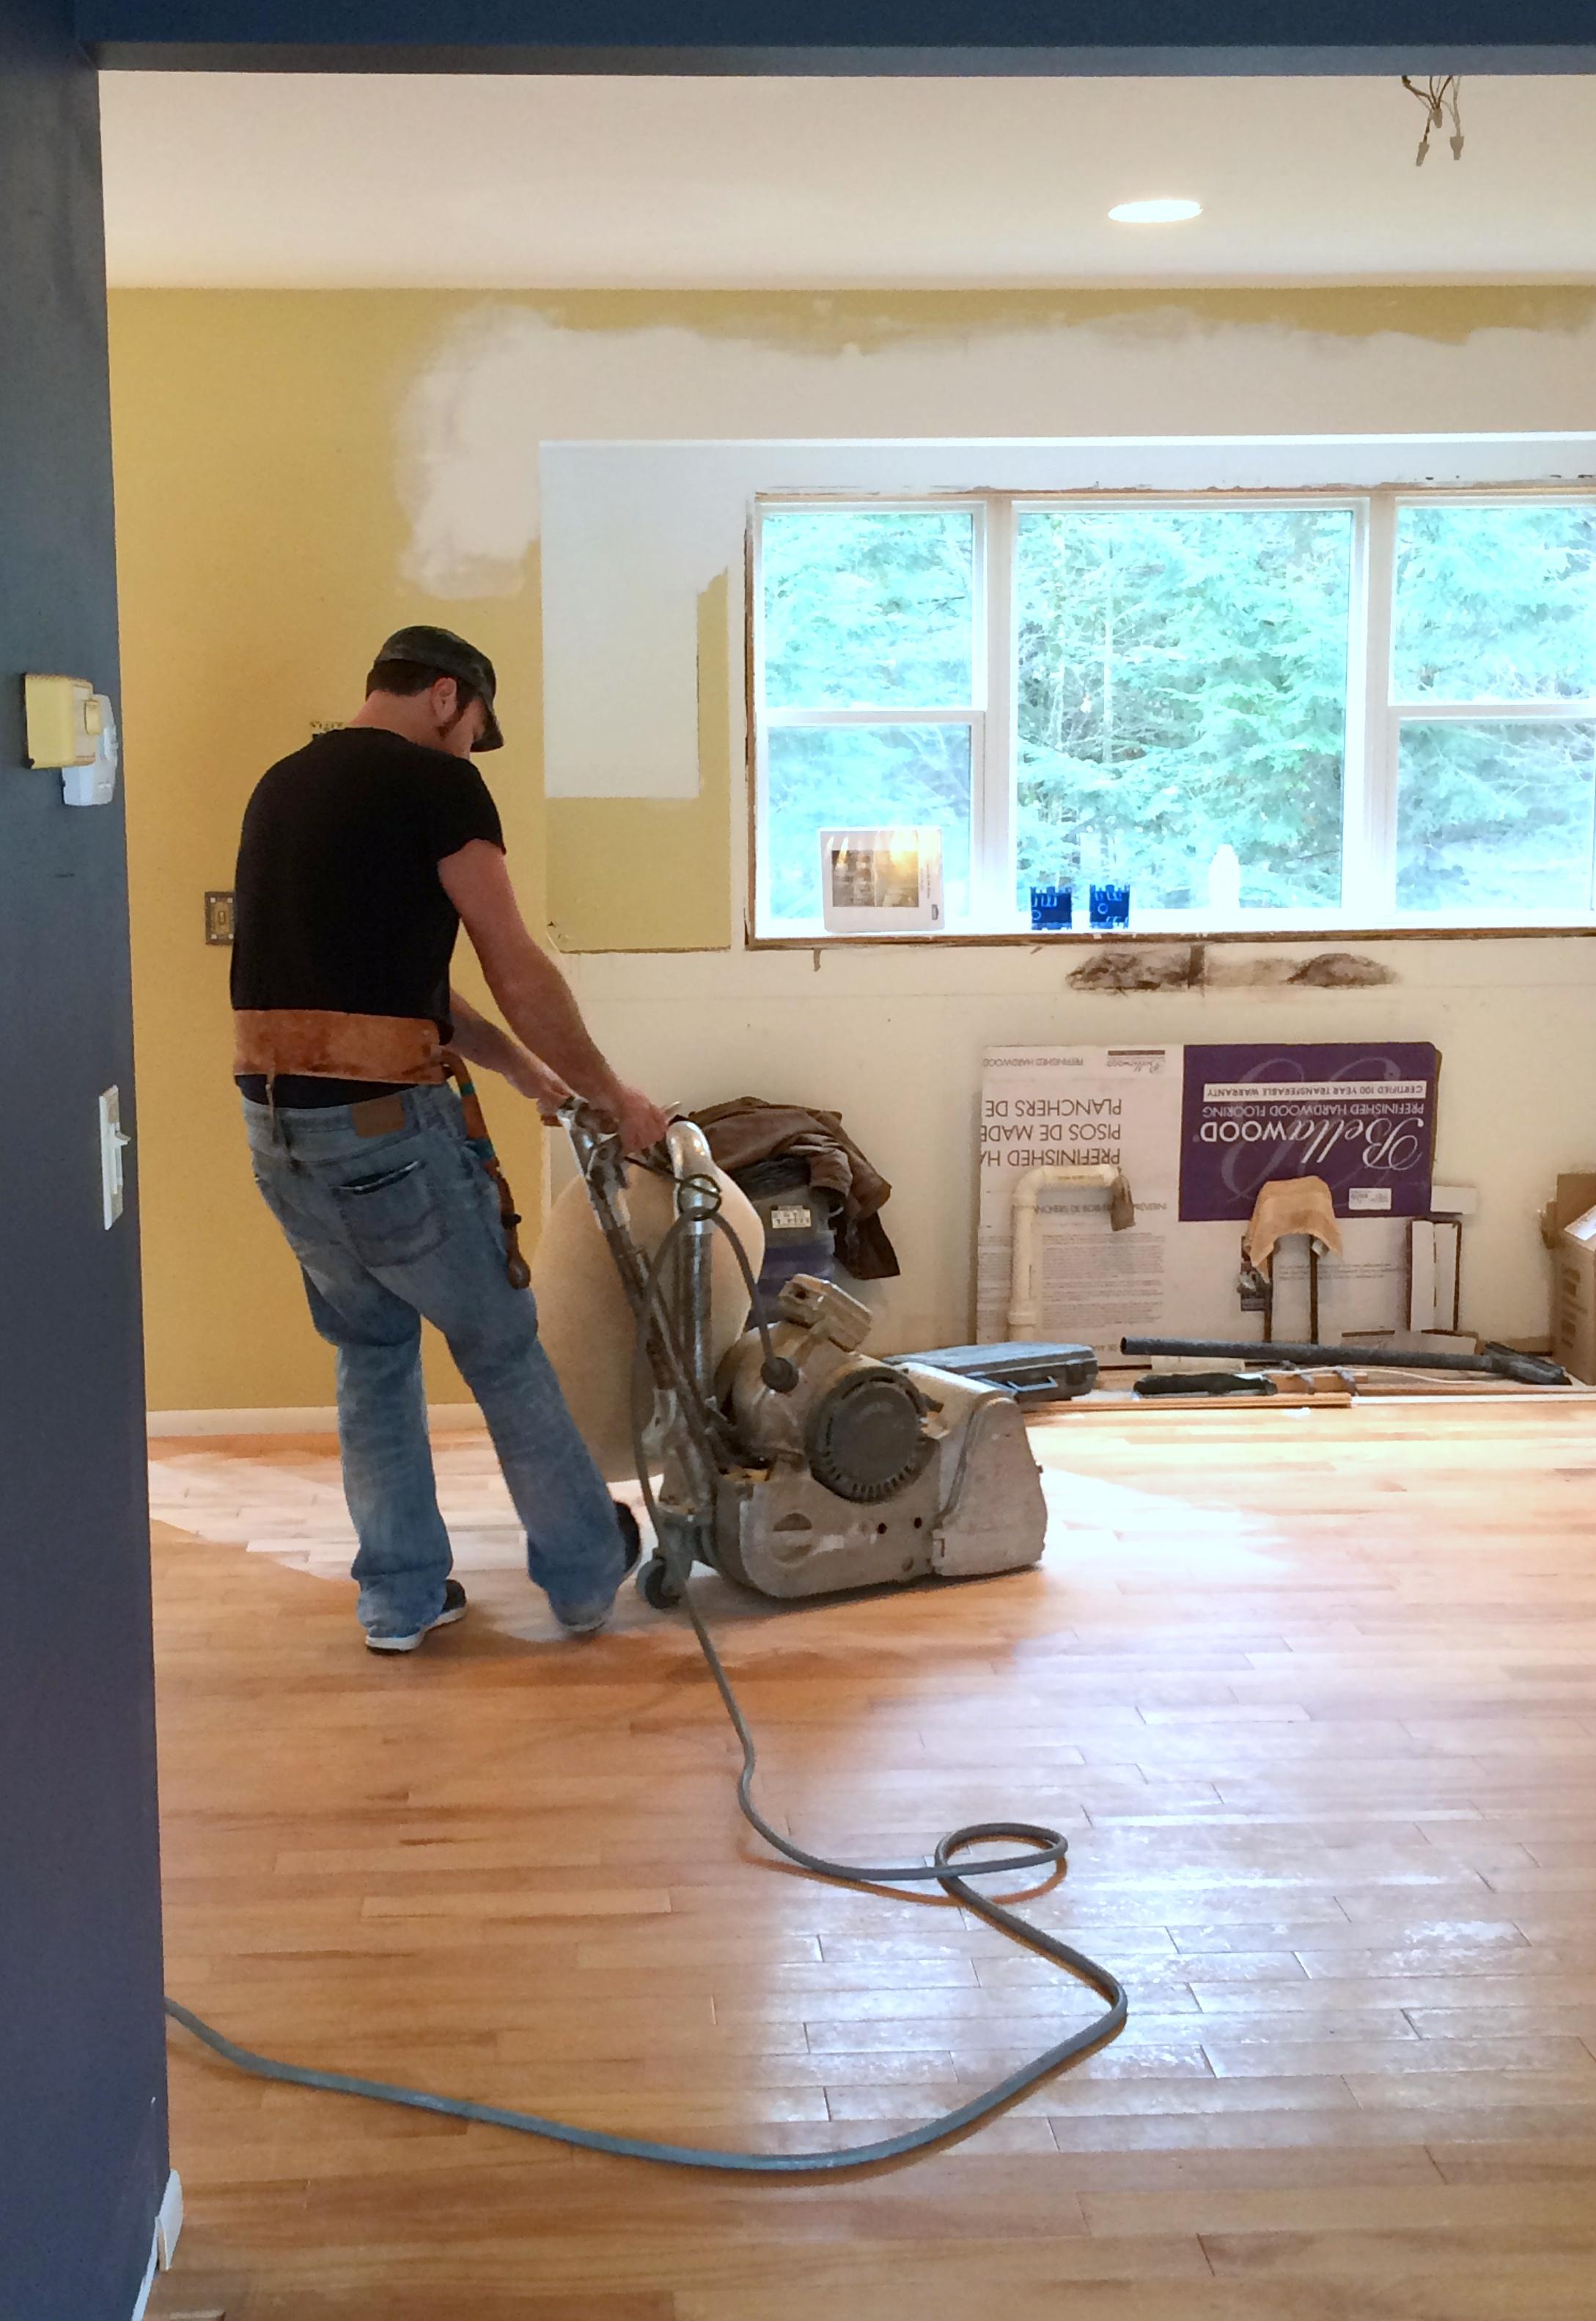 kitchen progress staining hardwood floors kitchen wood floors Kitchen Renovation Patch Repair and Stain the Hardwood Floors